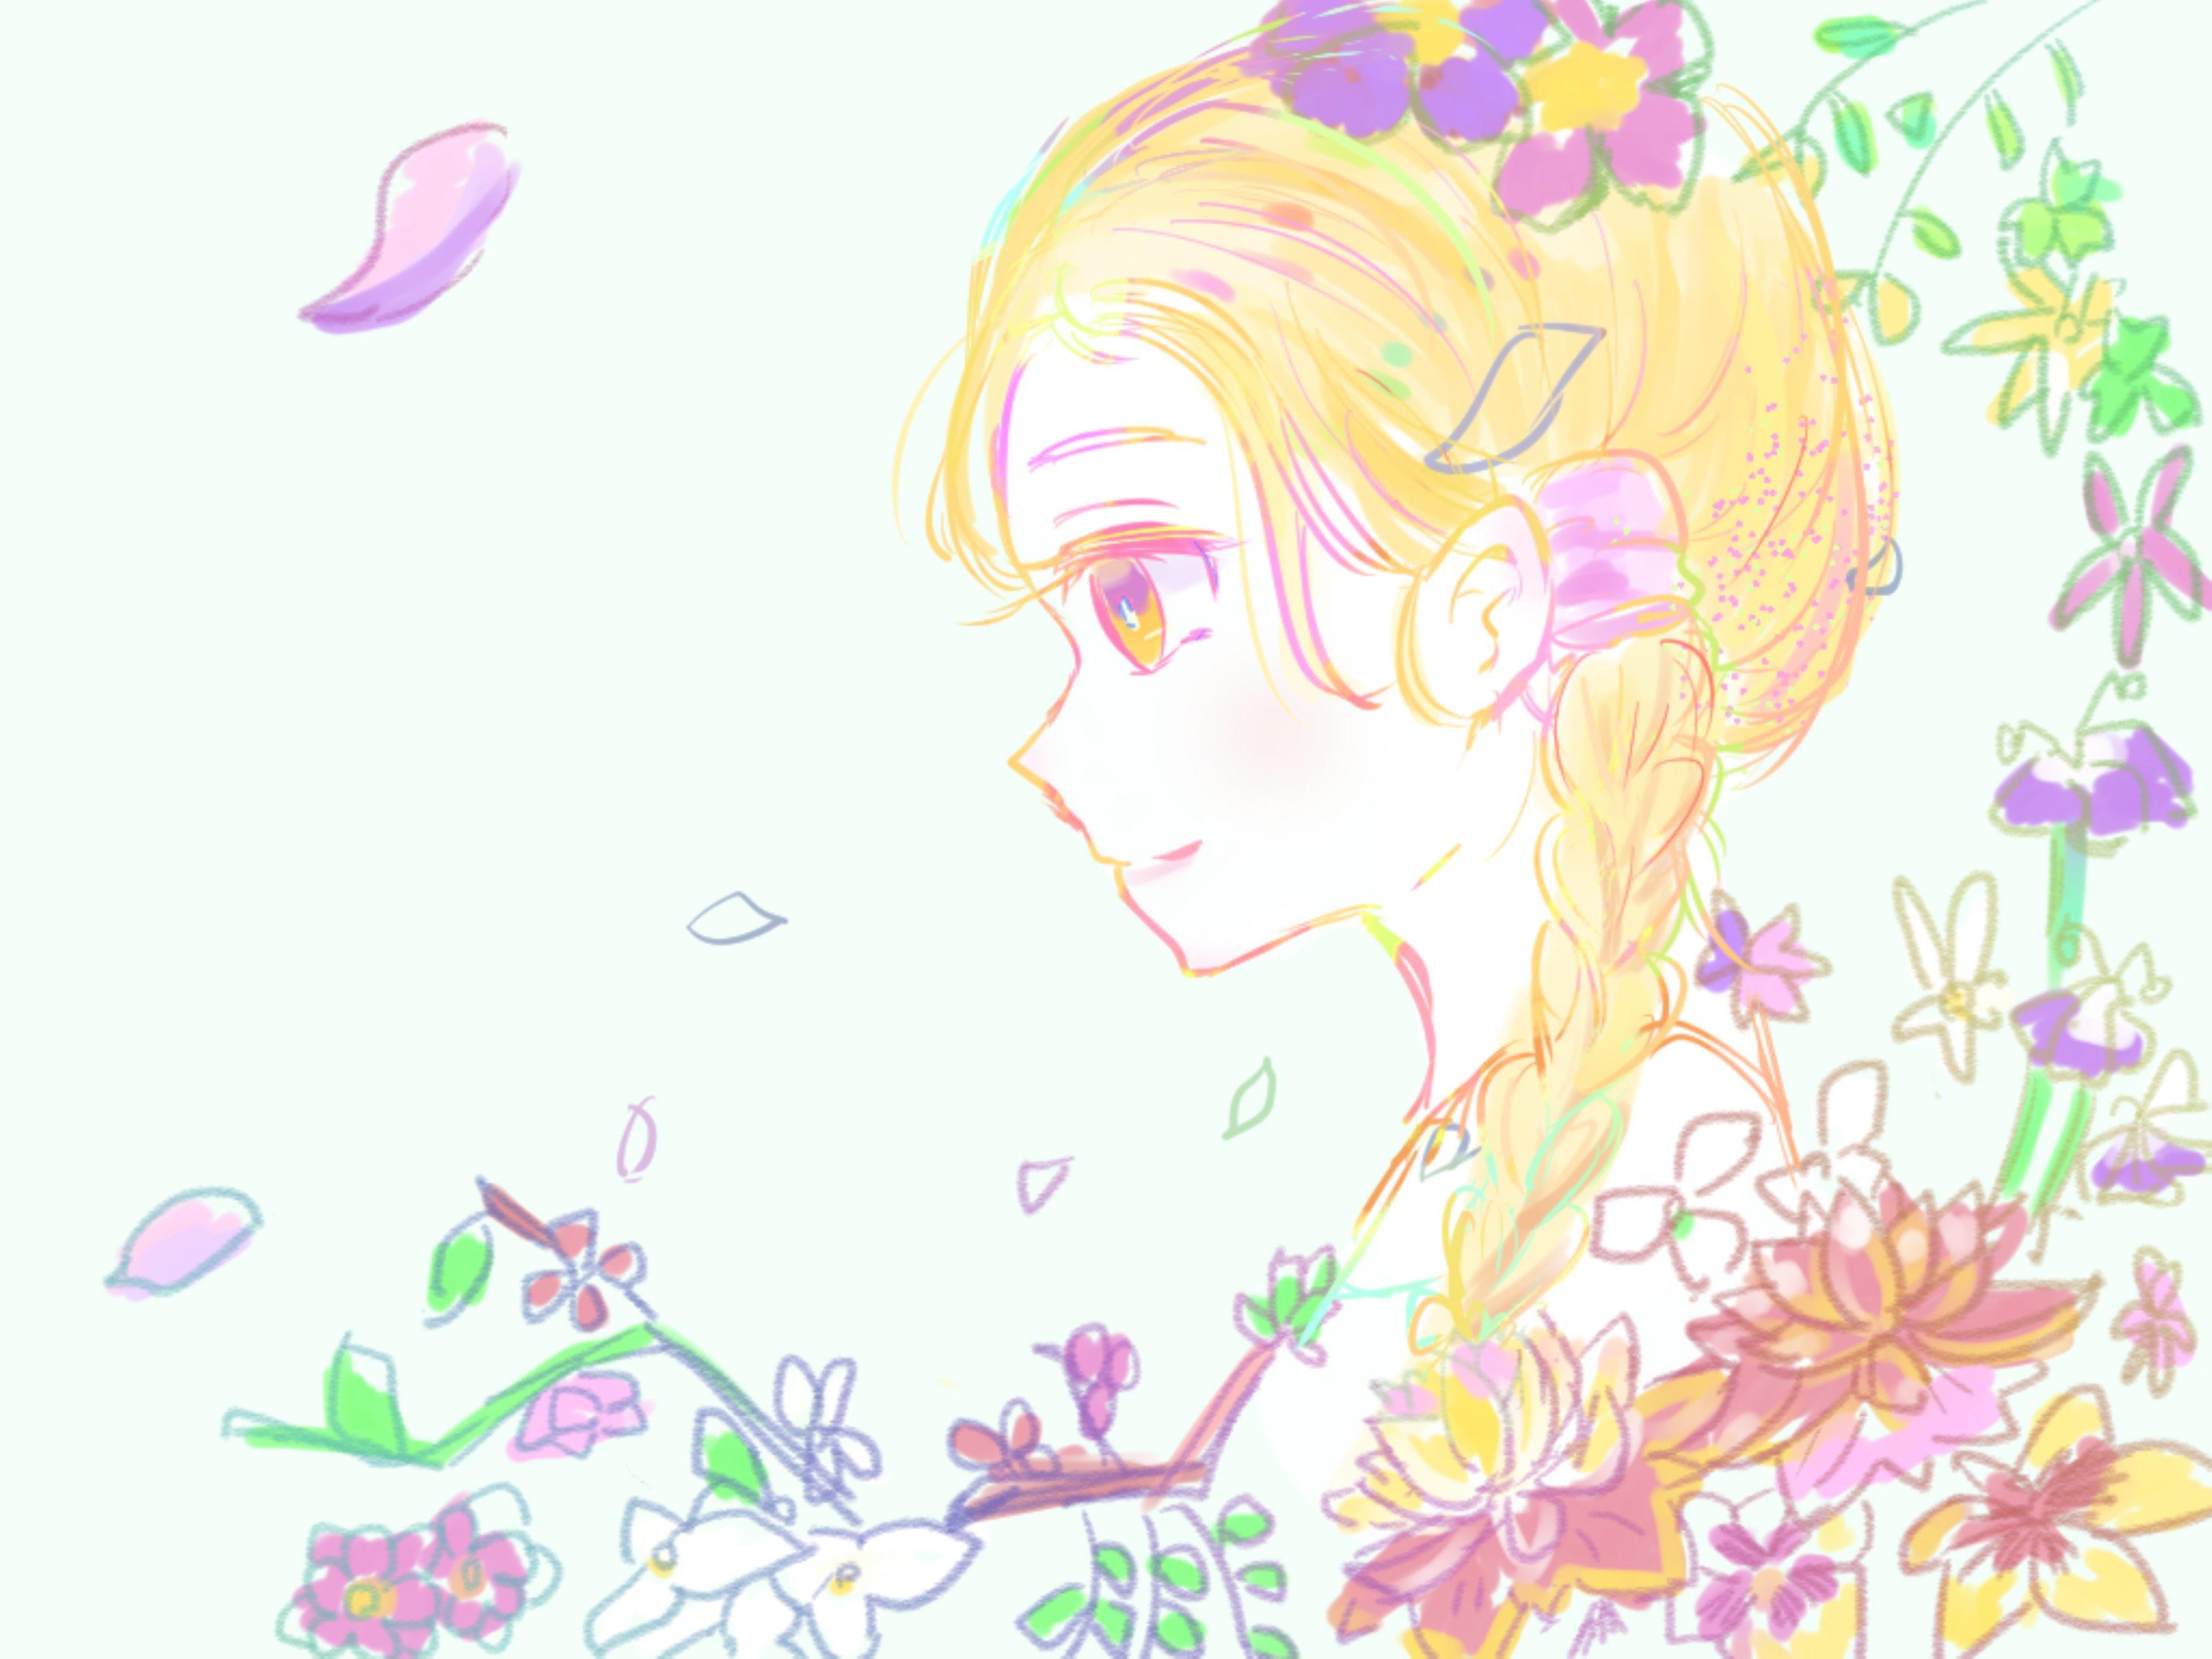 ばぃばい (@baibainoeaka)さんのイラスト